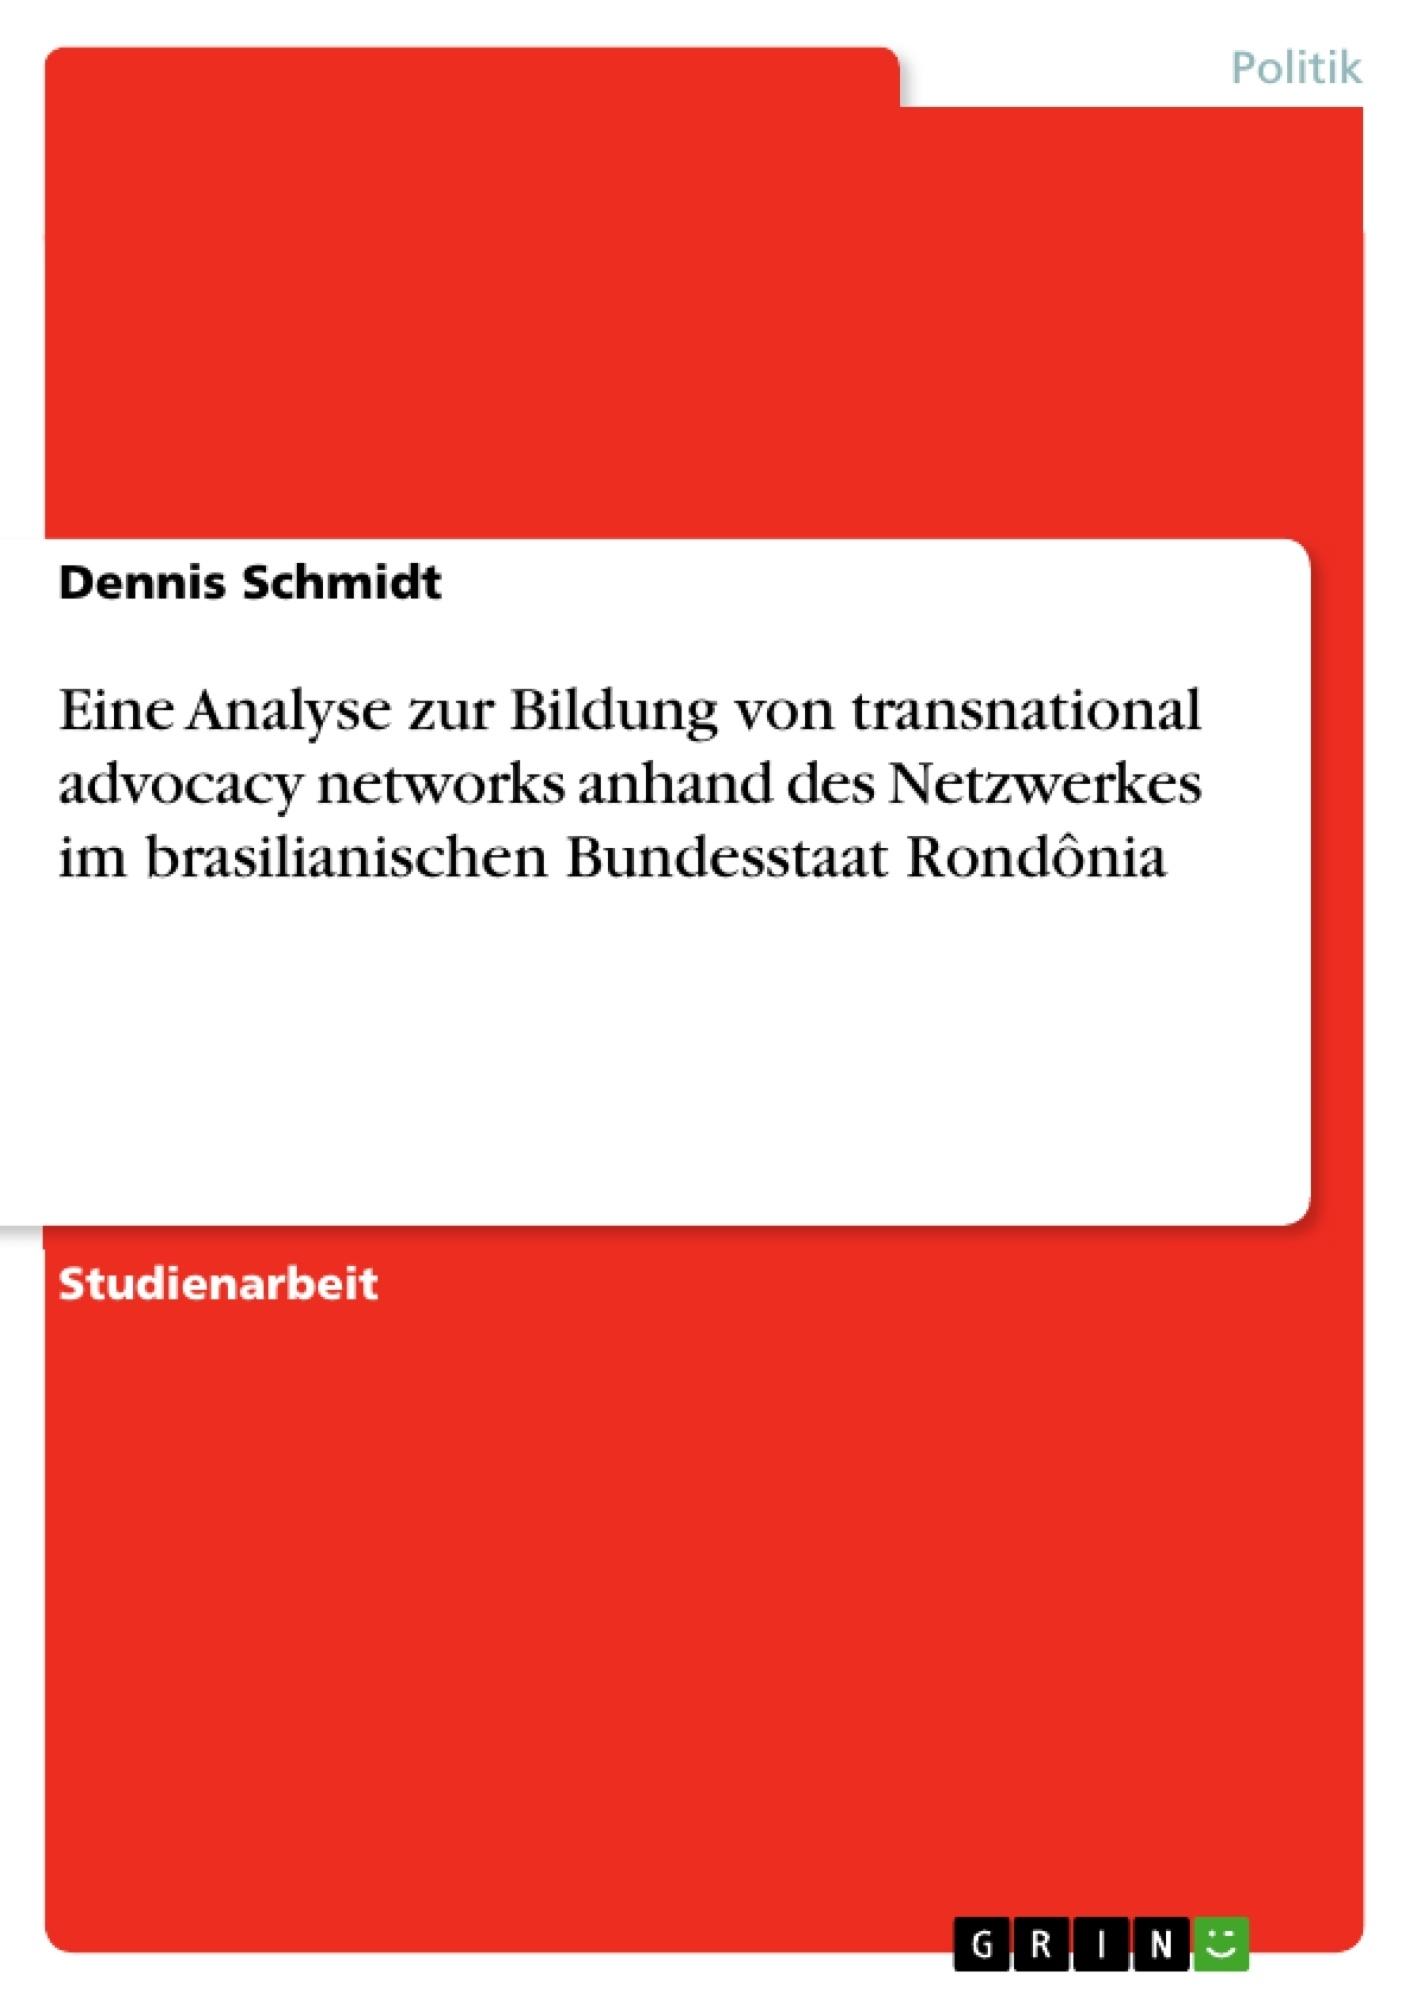 Titel: Eine Analyse zur Bildung von transnational advocacy networks anhand des Netzwerkes im brasilianischen Bundesstaat Rondônia